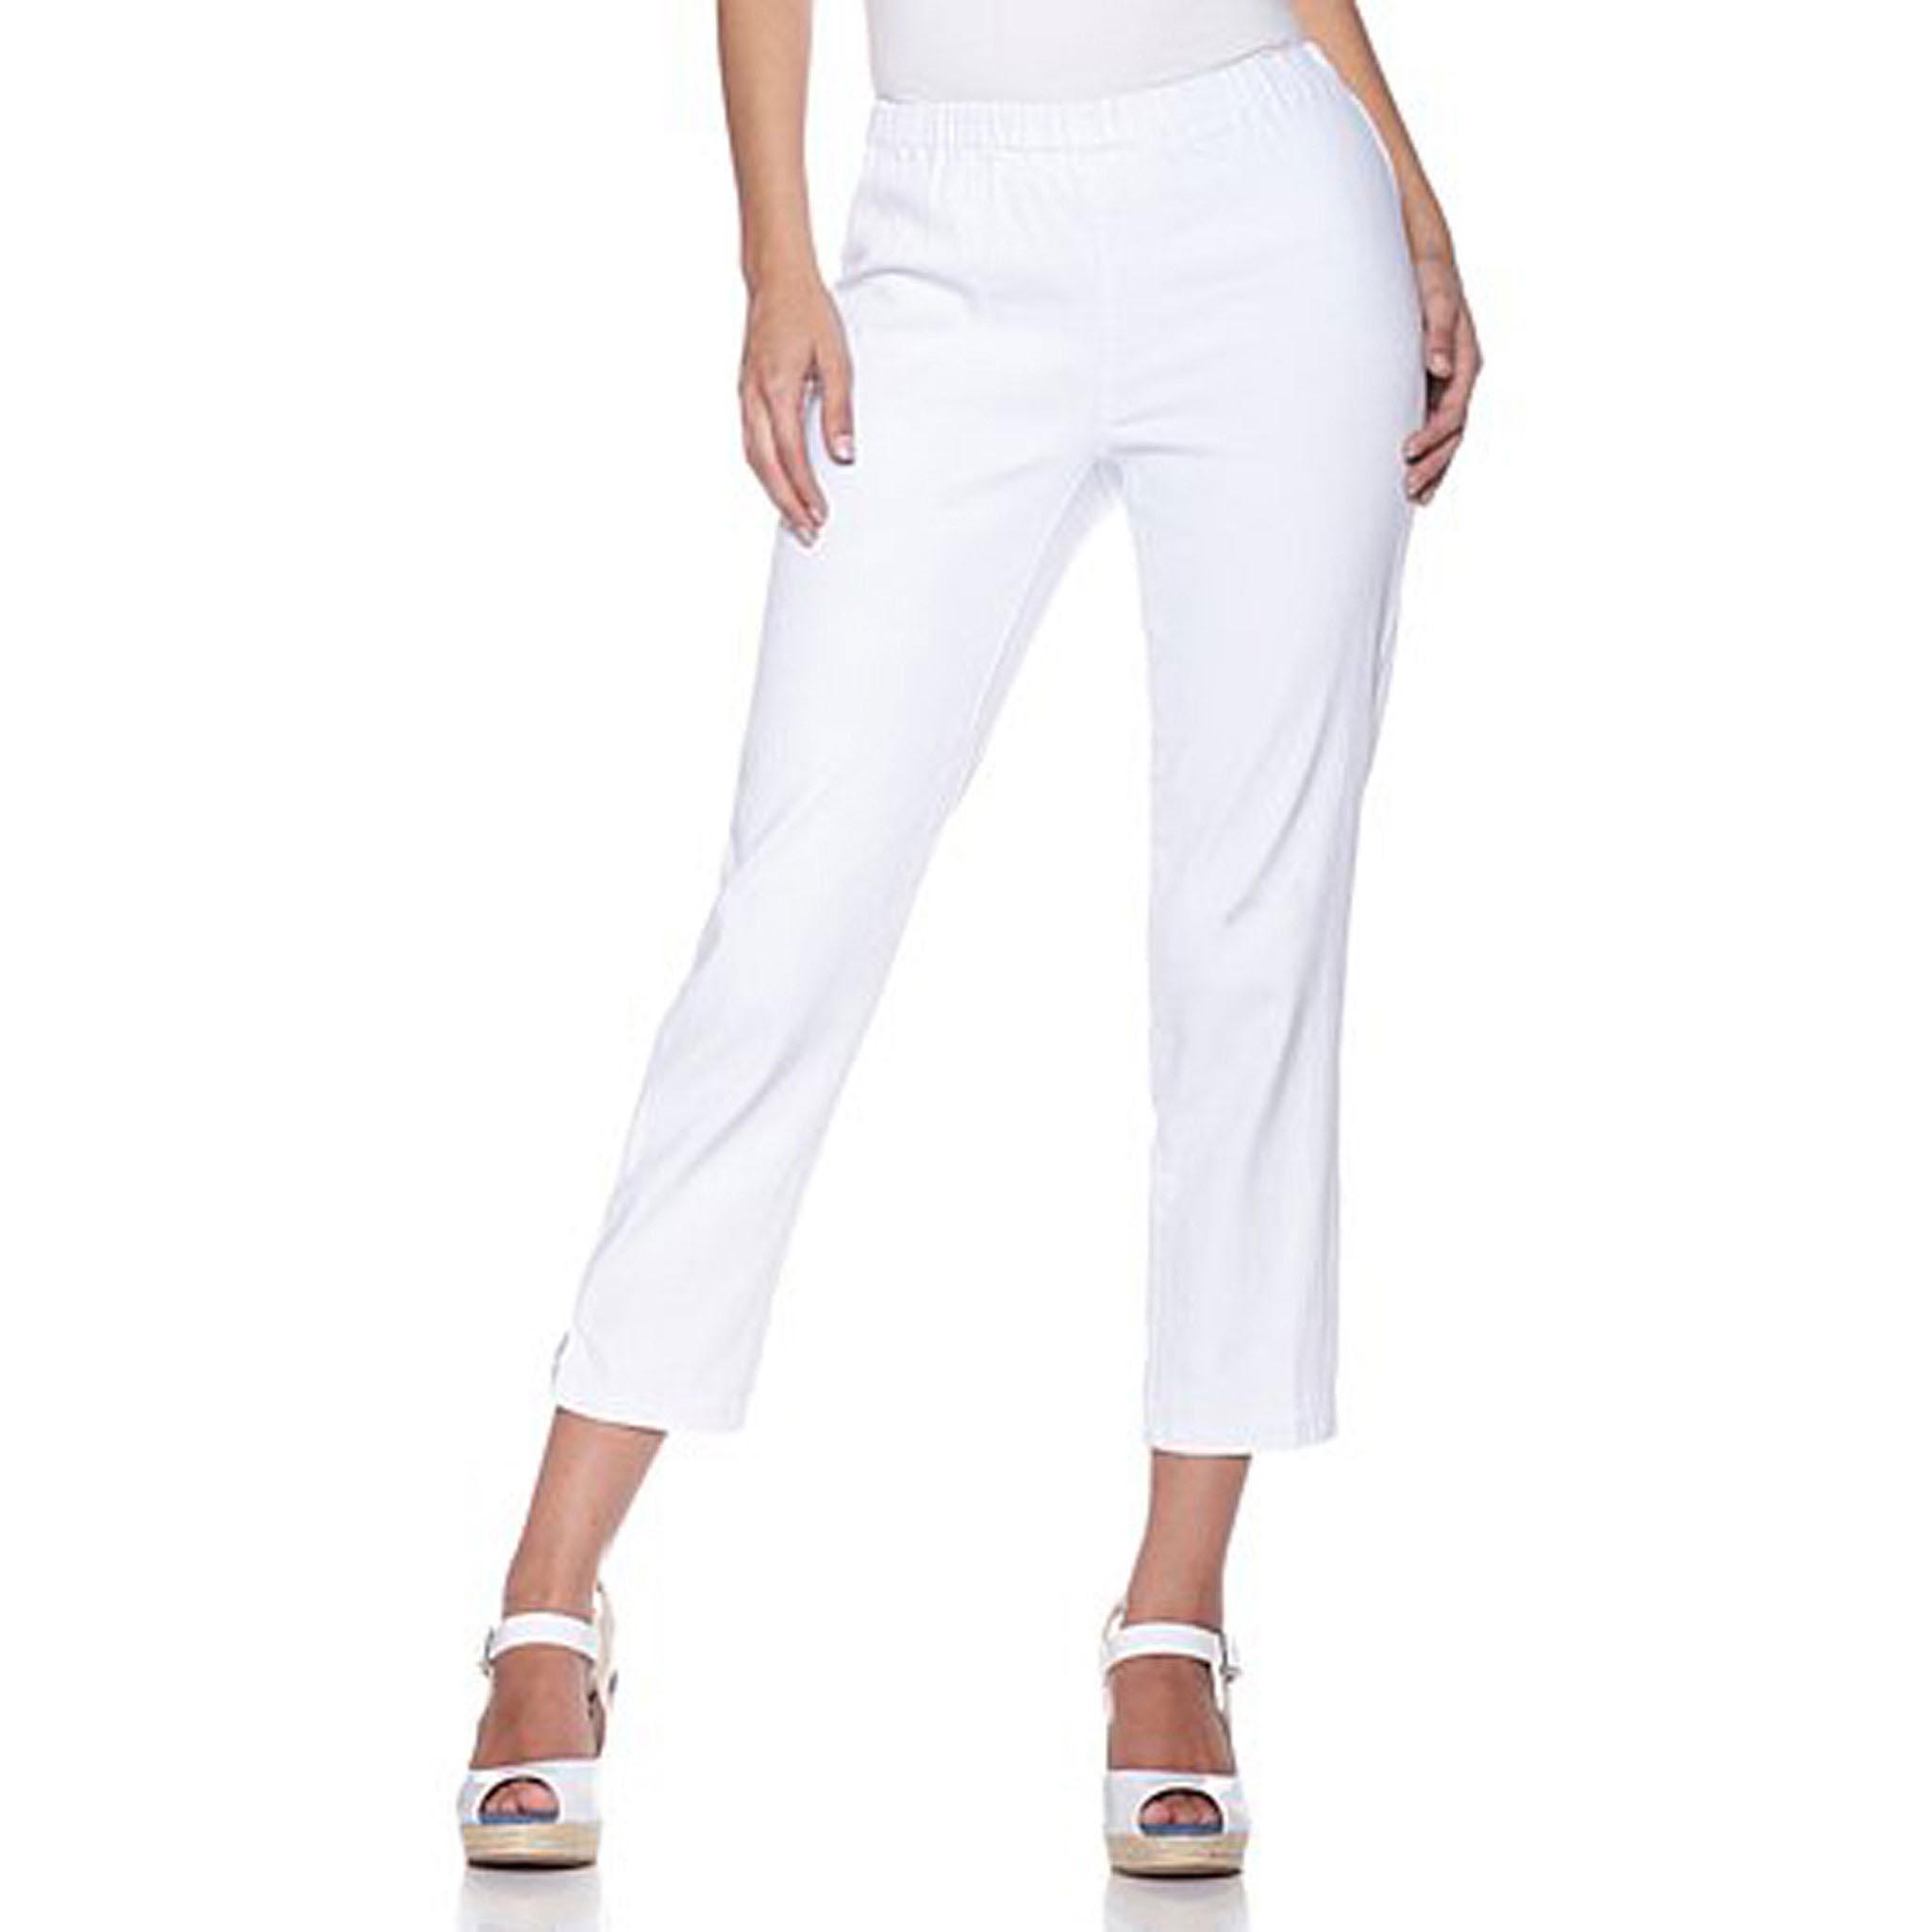 Chic Jegging Capri Pants in Plus Size by Diane Gilman | eBay